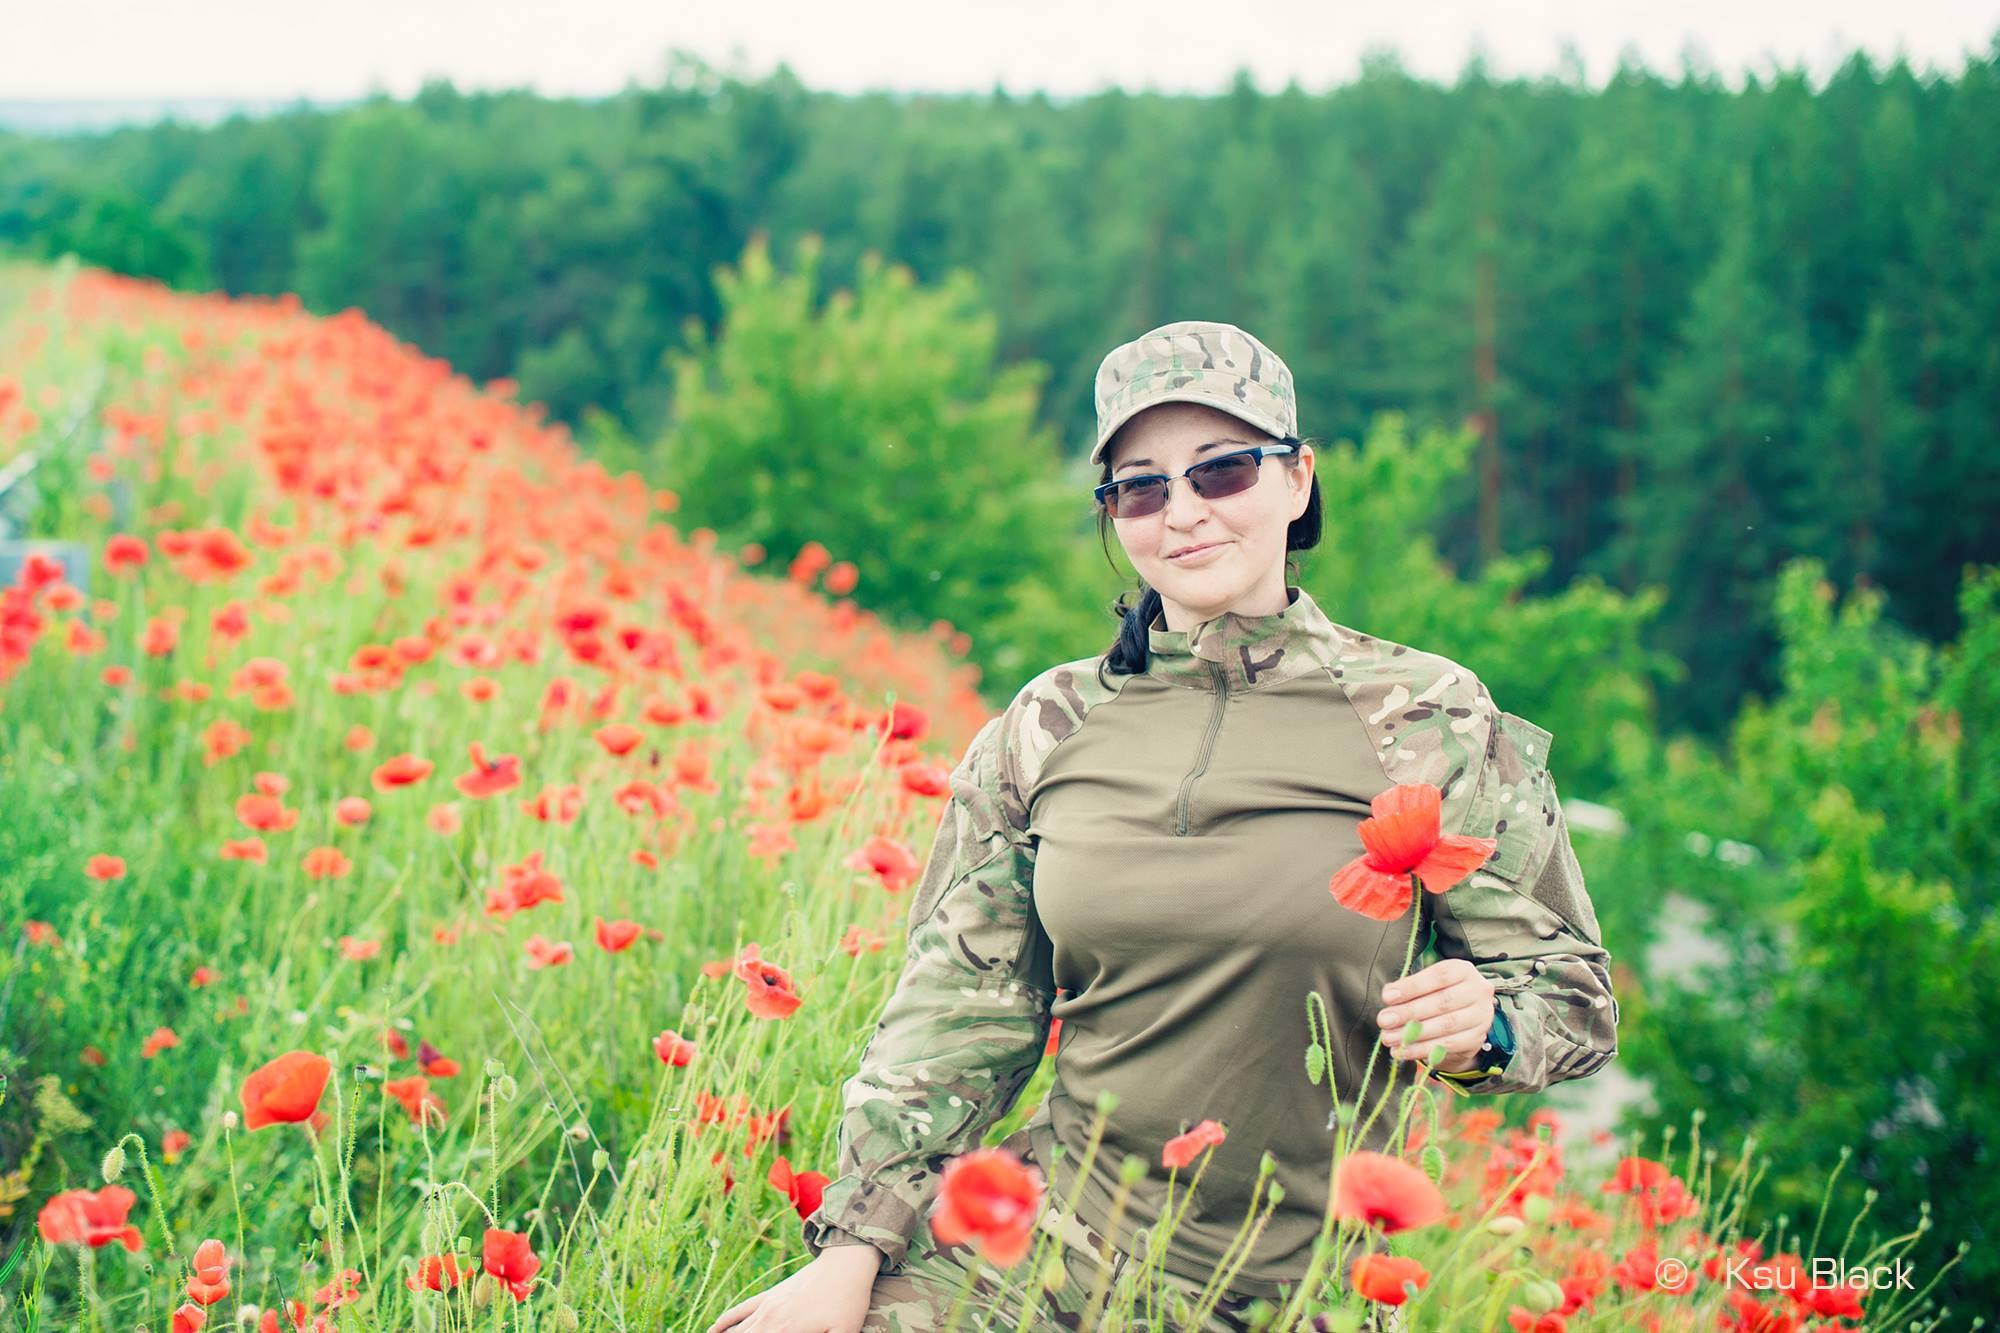 """Оксана Чорна: """"Война калечит. Больше всего я бы хотела все забыть"""""""